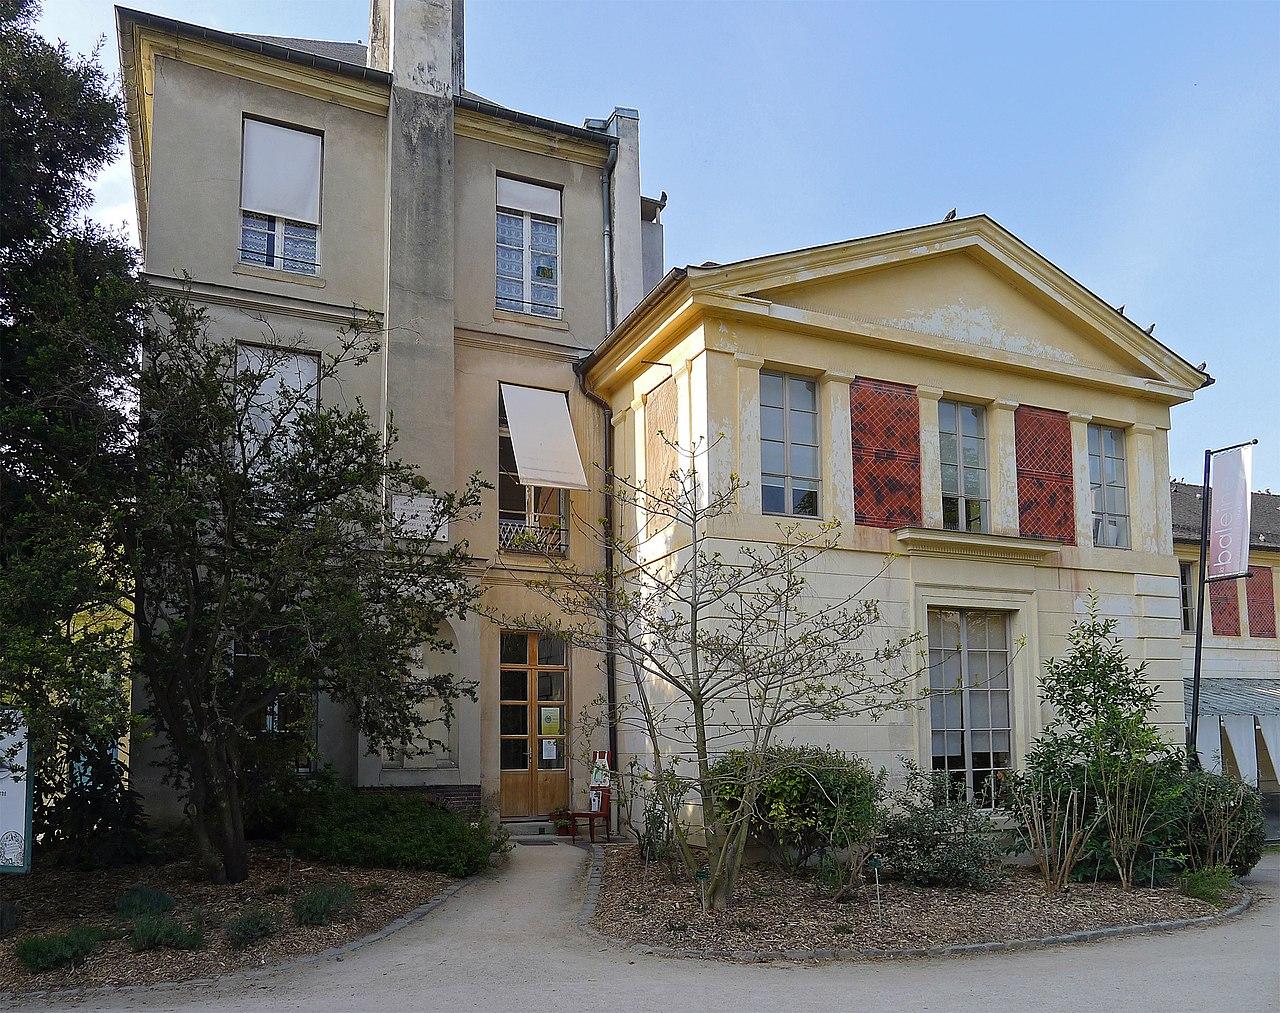 Fichier p1240507 paris v jardin des plantes maison cuvier wikip dia for Maison du jardin paris